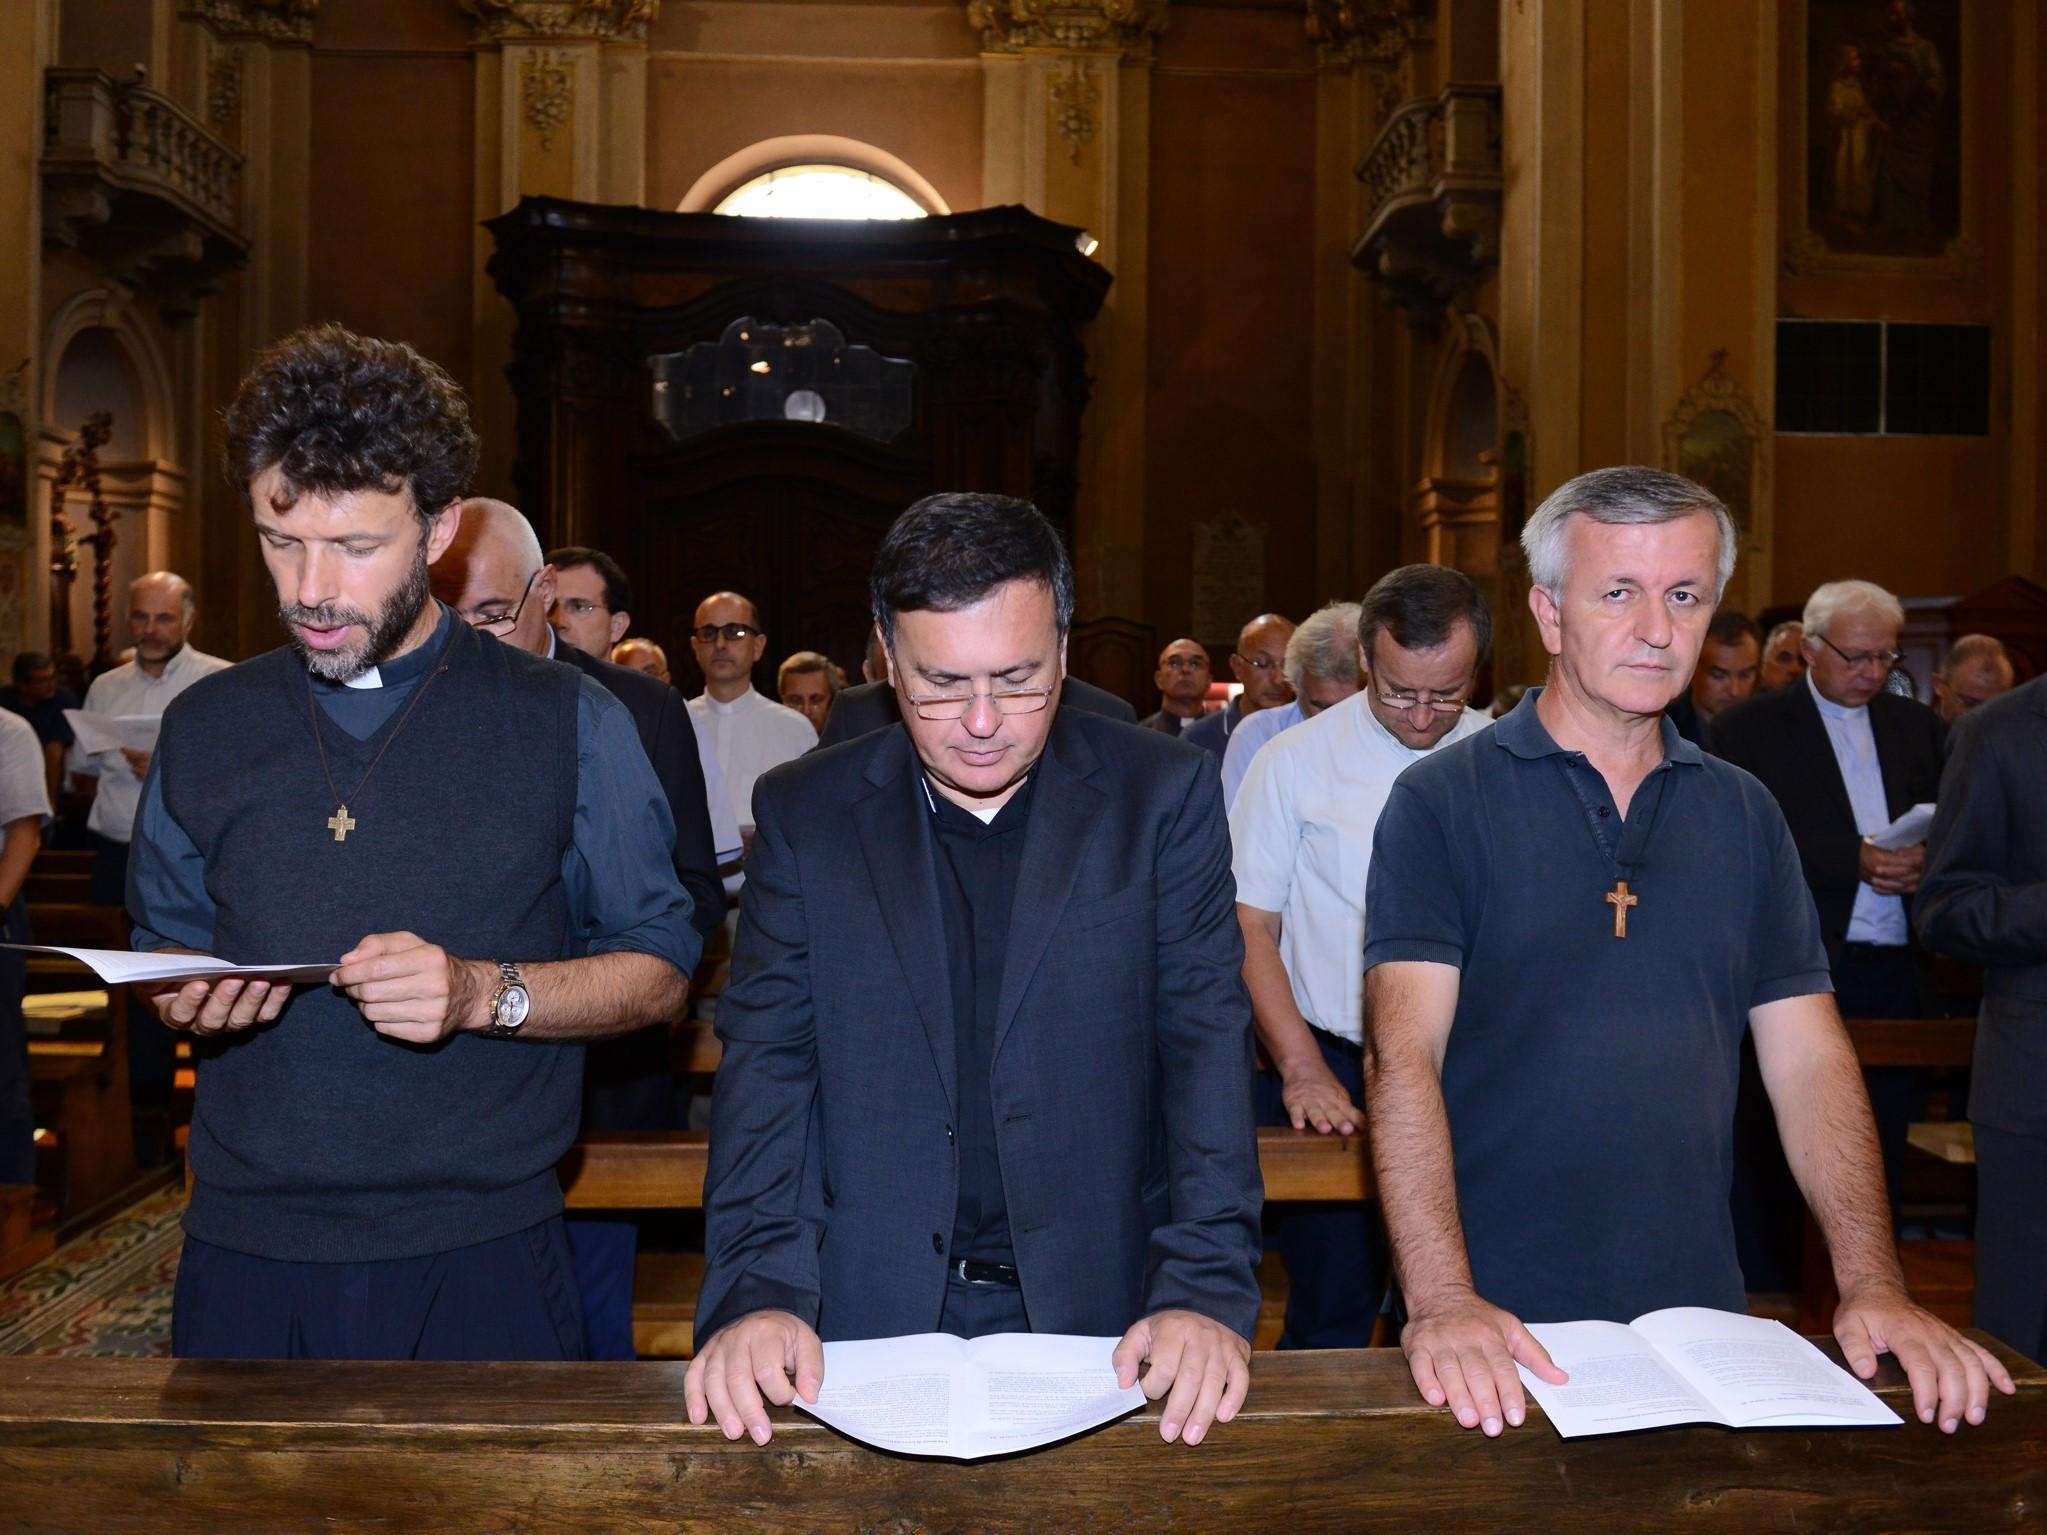 Saluto ai fedeli Cardinale Scola Milano 8 settembre 2017, orario e info